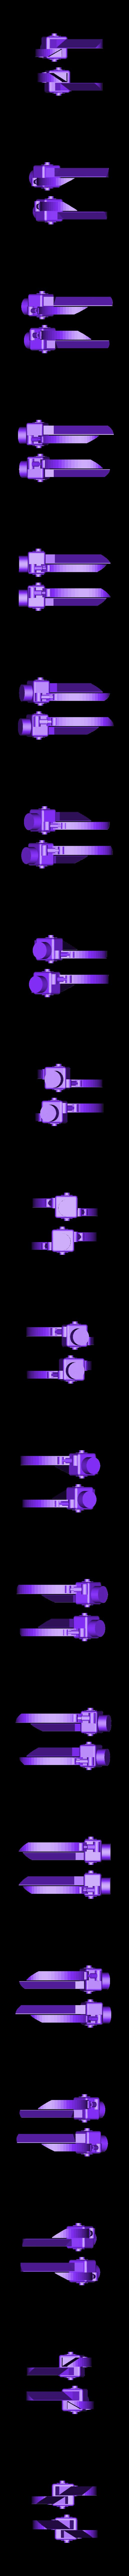 Battle wagon halfmoon claws.stl Télécharger fichier STL Ork Tank / Canon d'assaut 28mm optimisé pour FDM Printing • Modèle pour imprimante 3D, redstarkits